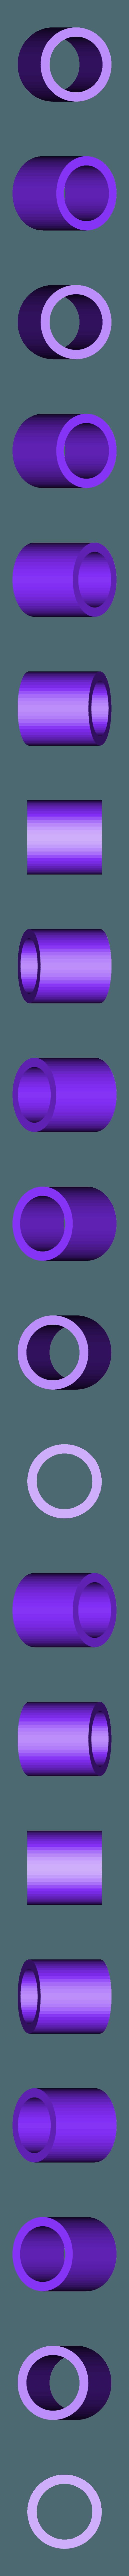 25mm_long_25mm_wide_tube.stl Télécharger fichier STL gratuit Sci-fi Réseau de tuyaux modulaire pour les paysages de wargaming • Objet à imprimer en 3D, redstarkits